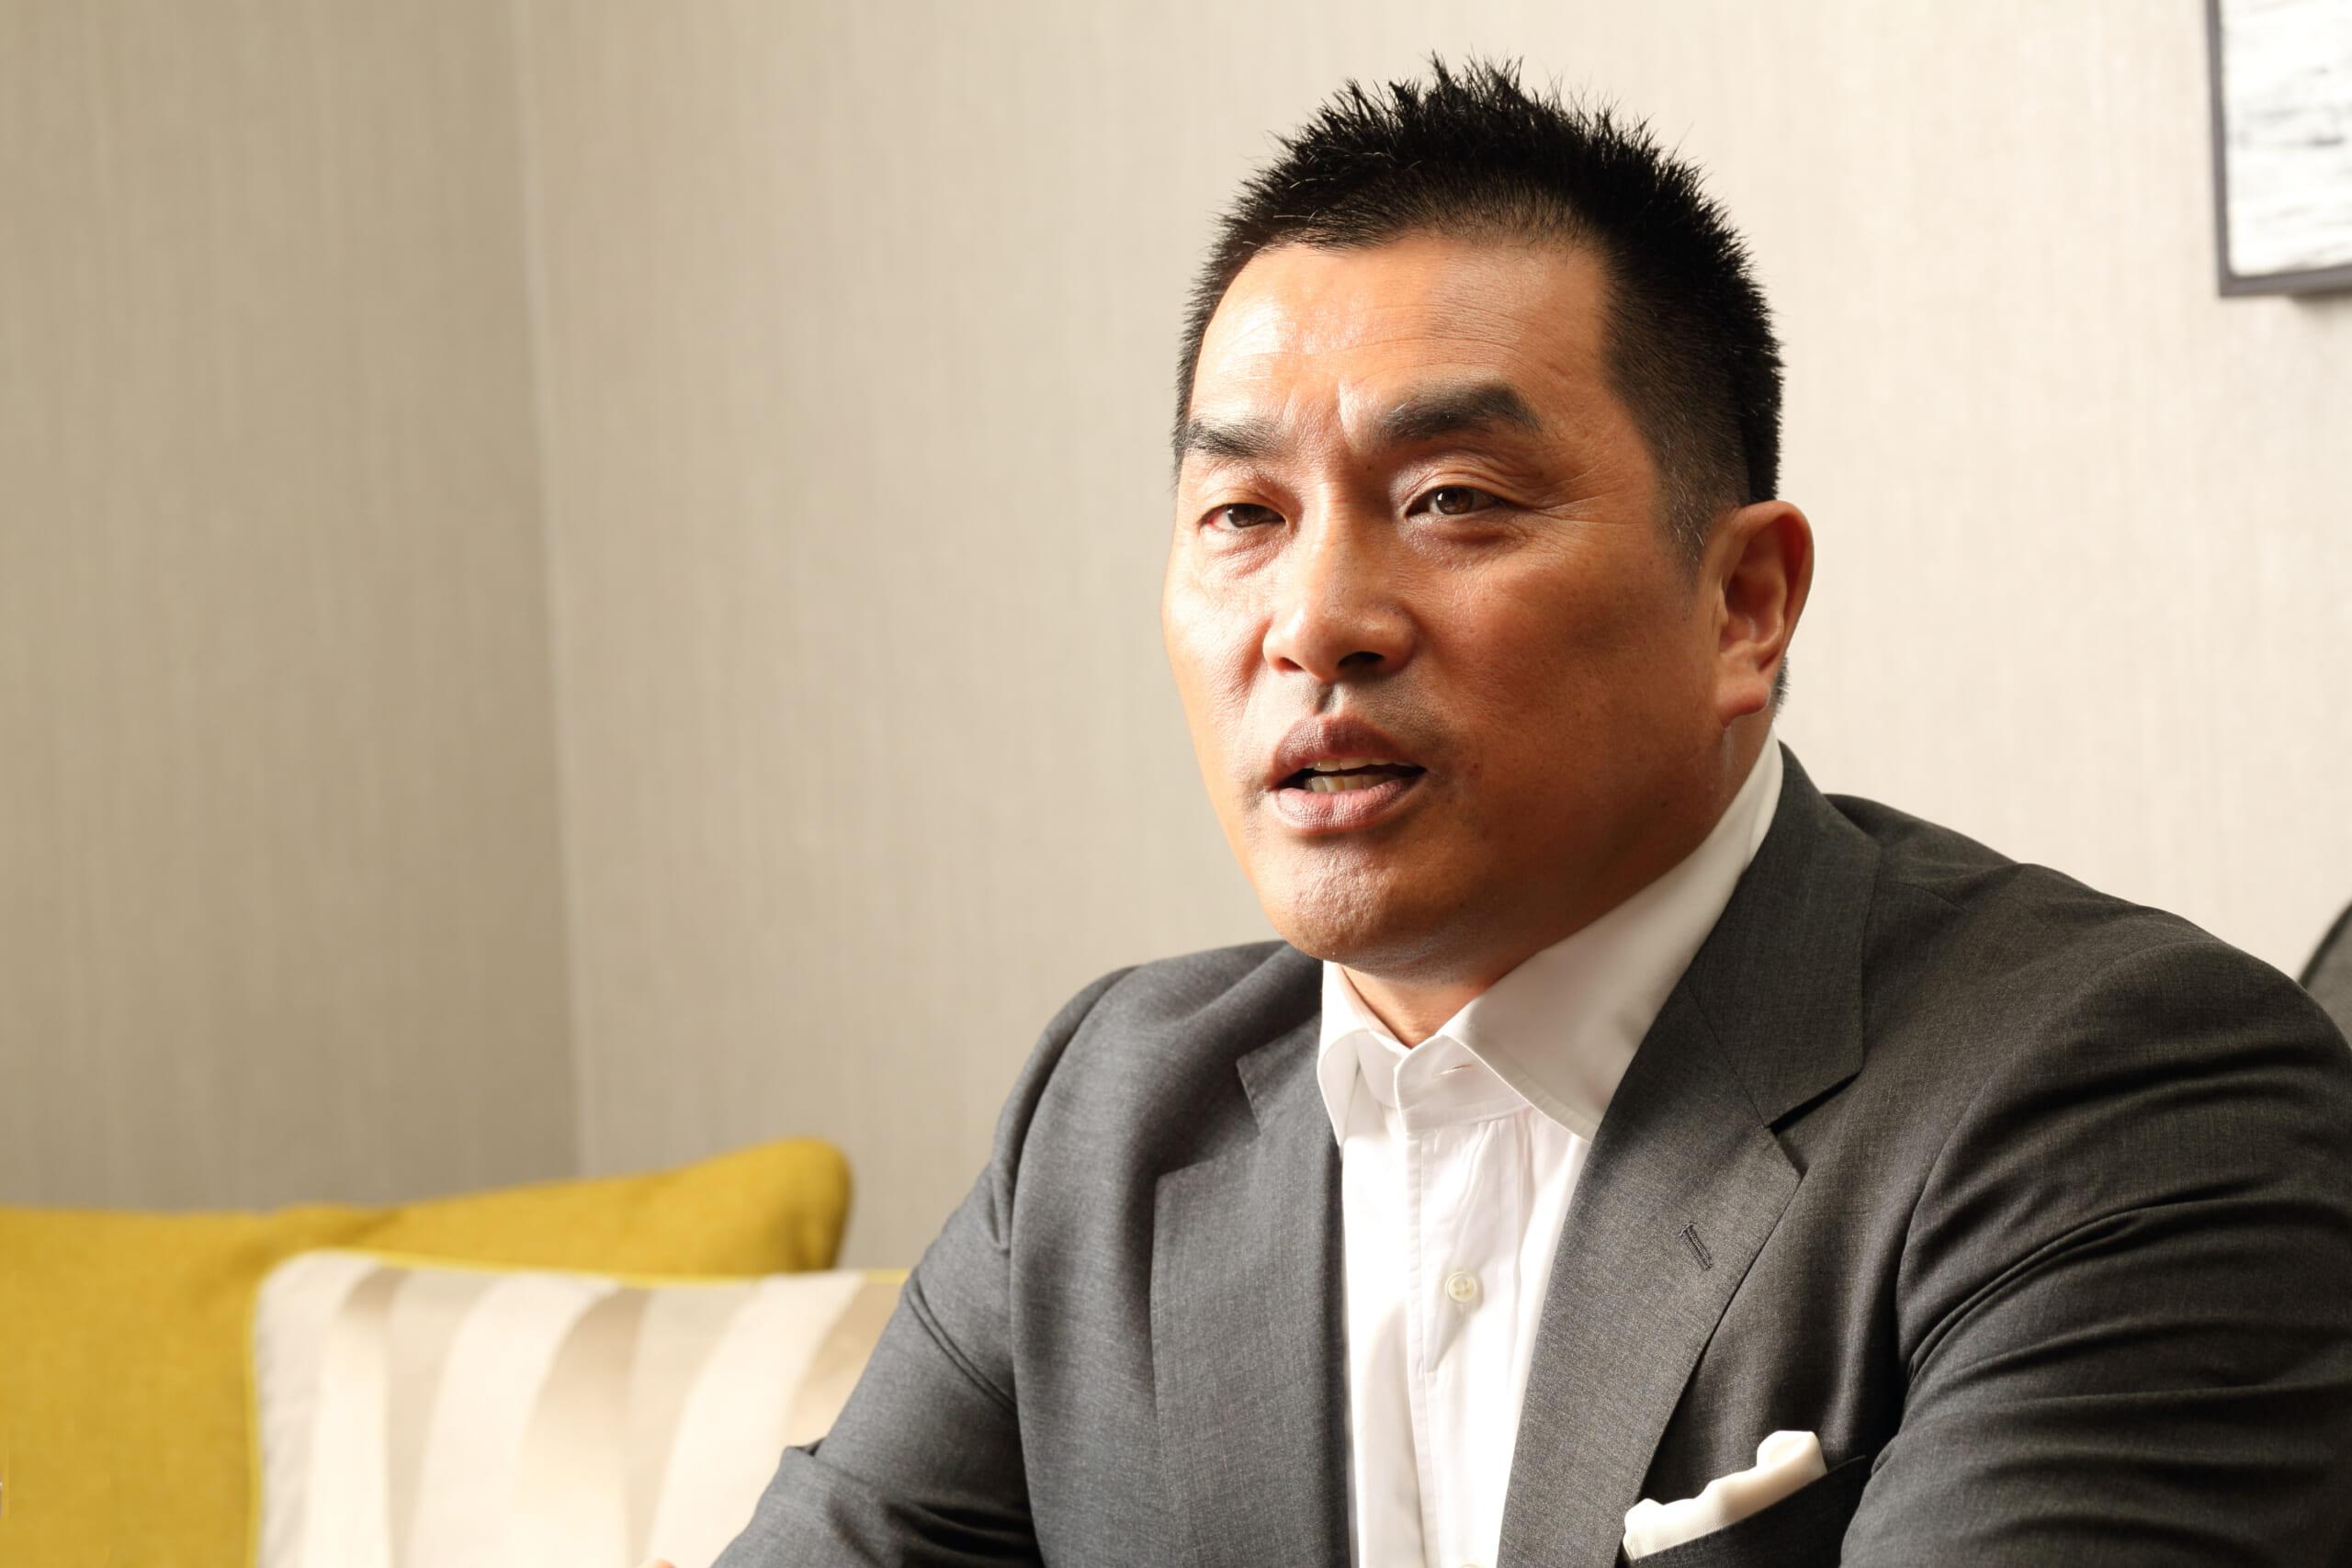 イチロー「50歳までやりたい」の言葉に山本昌が返した言葉「できるよ」、その真意。